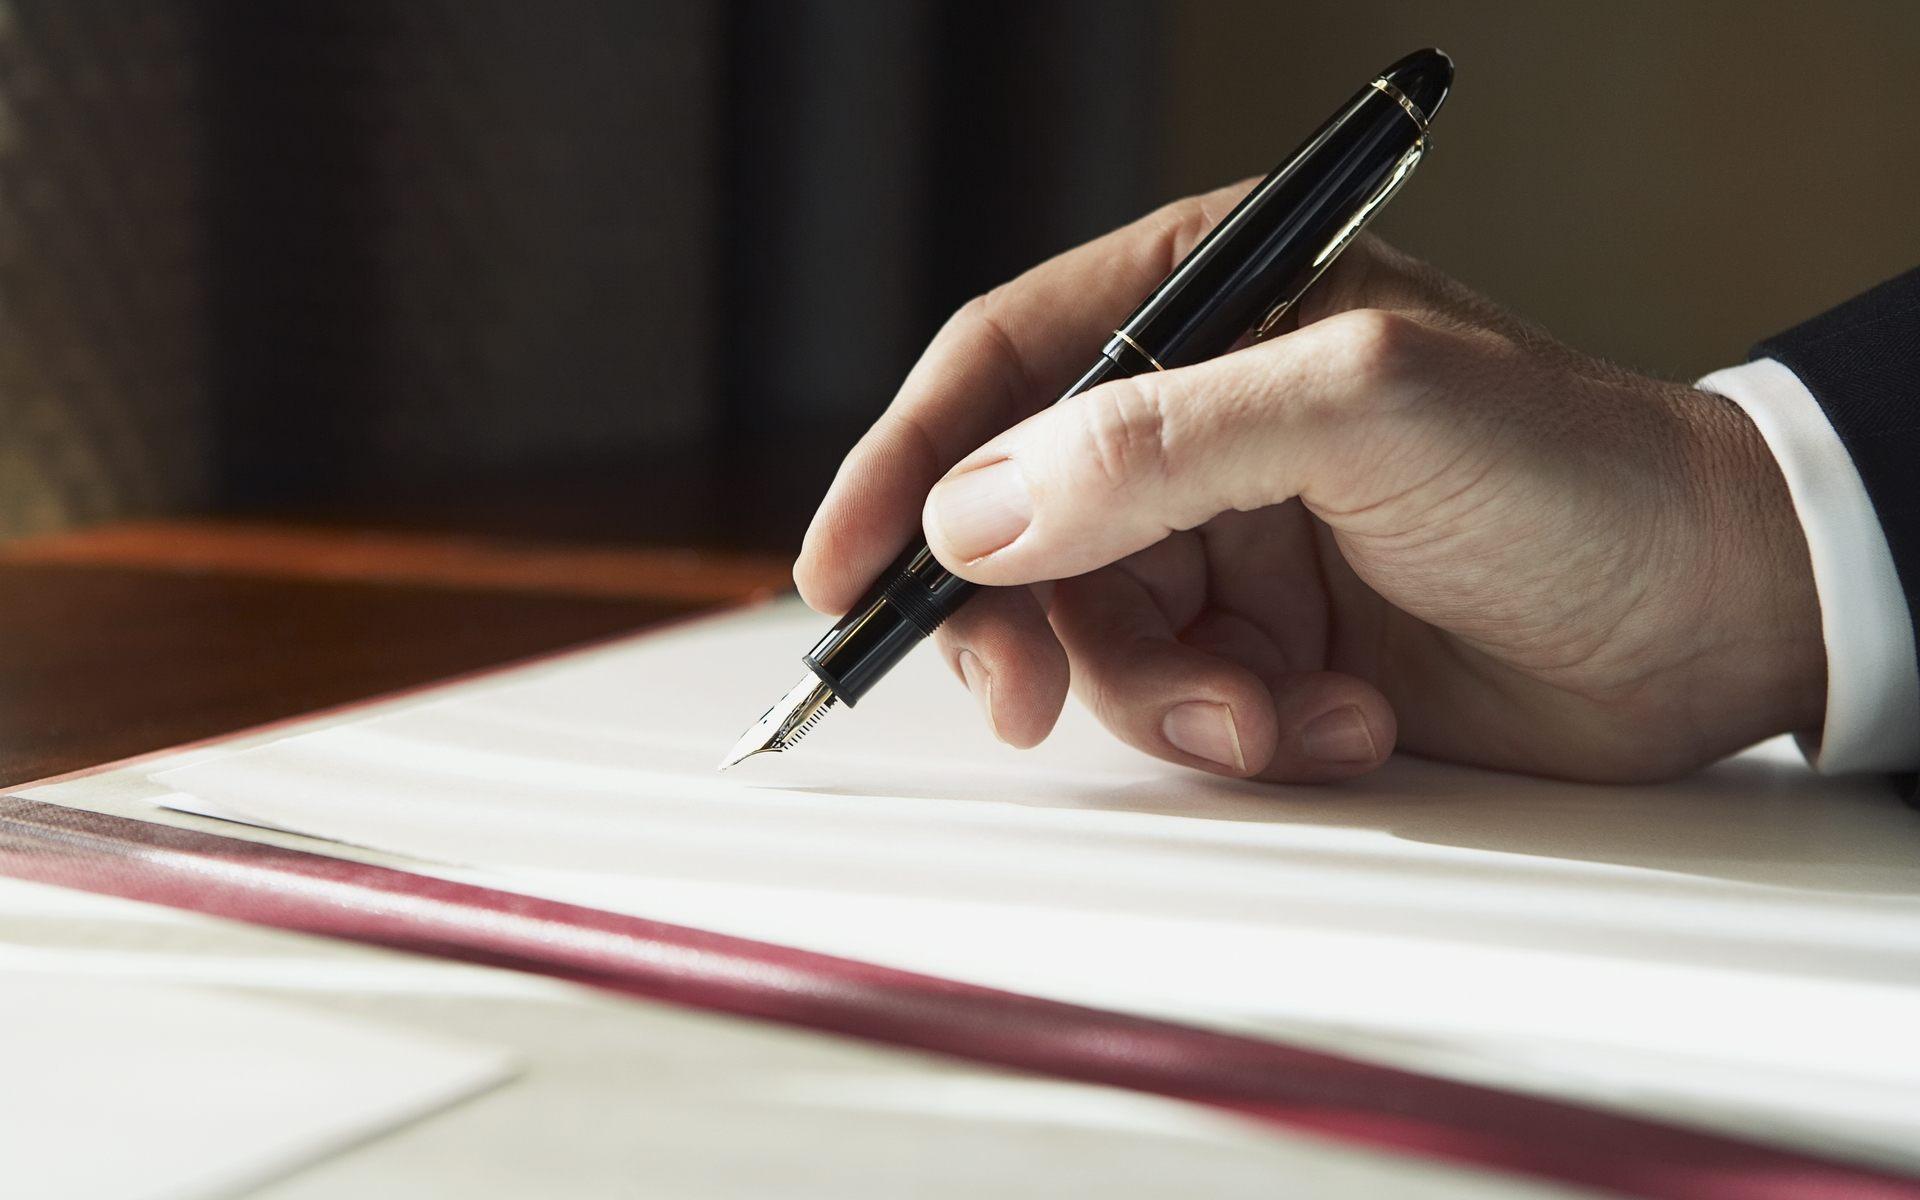 Картинки по запросу человек пишет ручкой